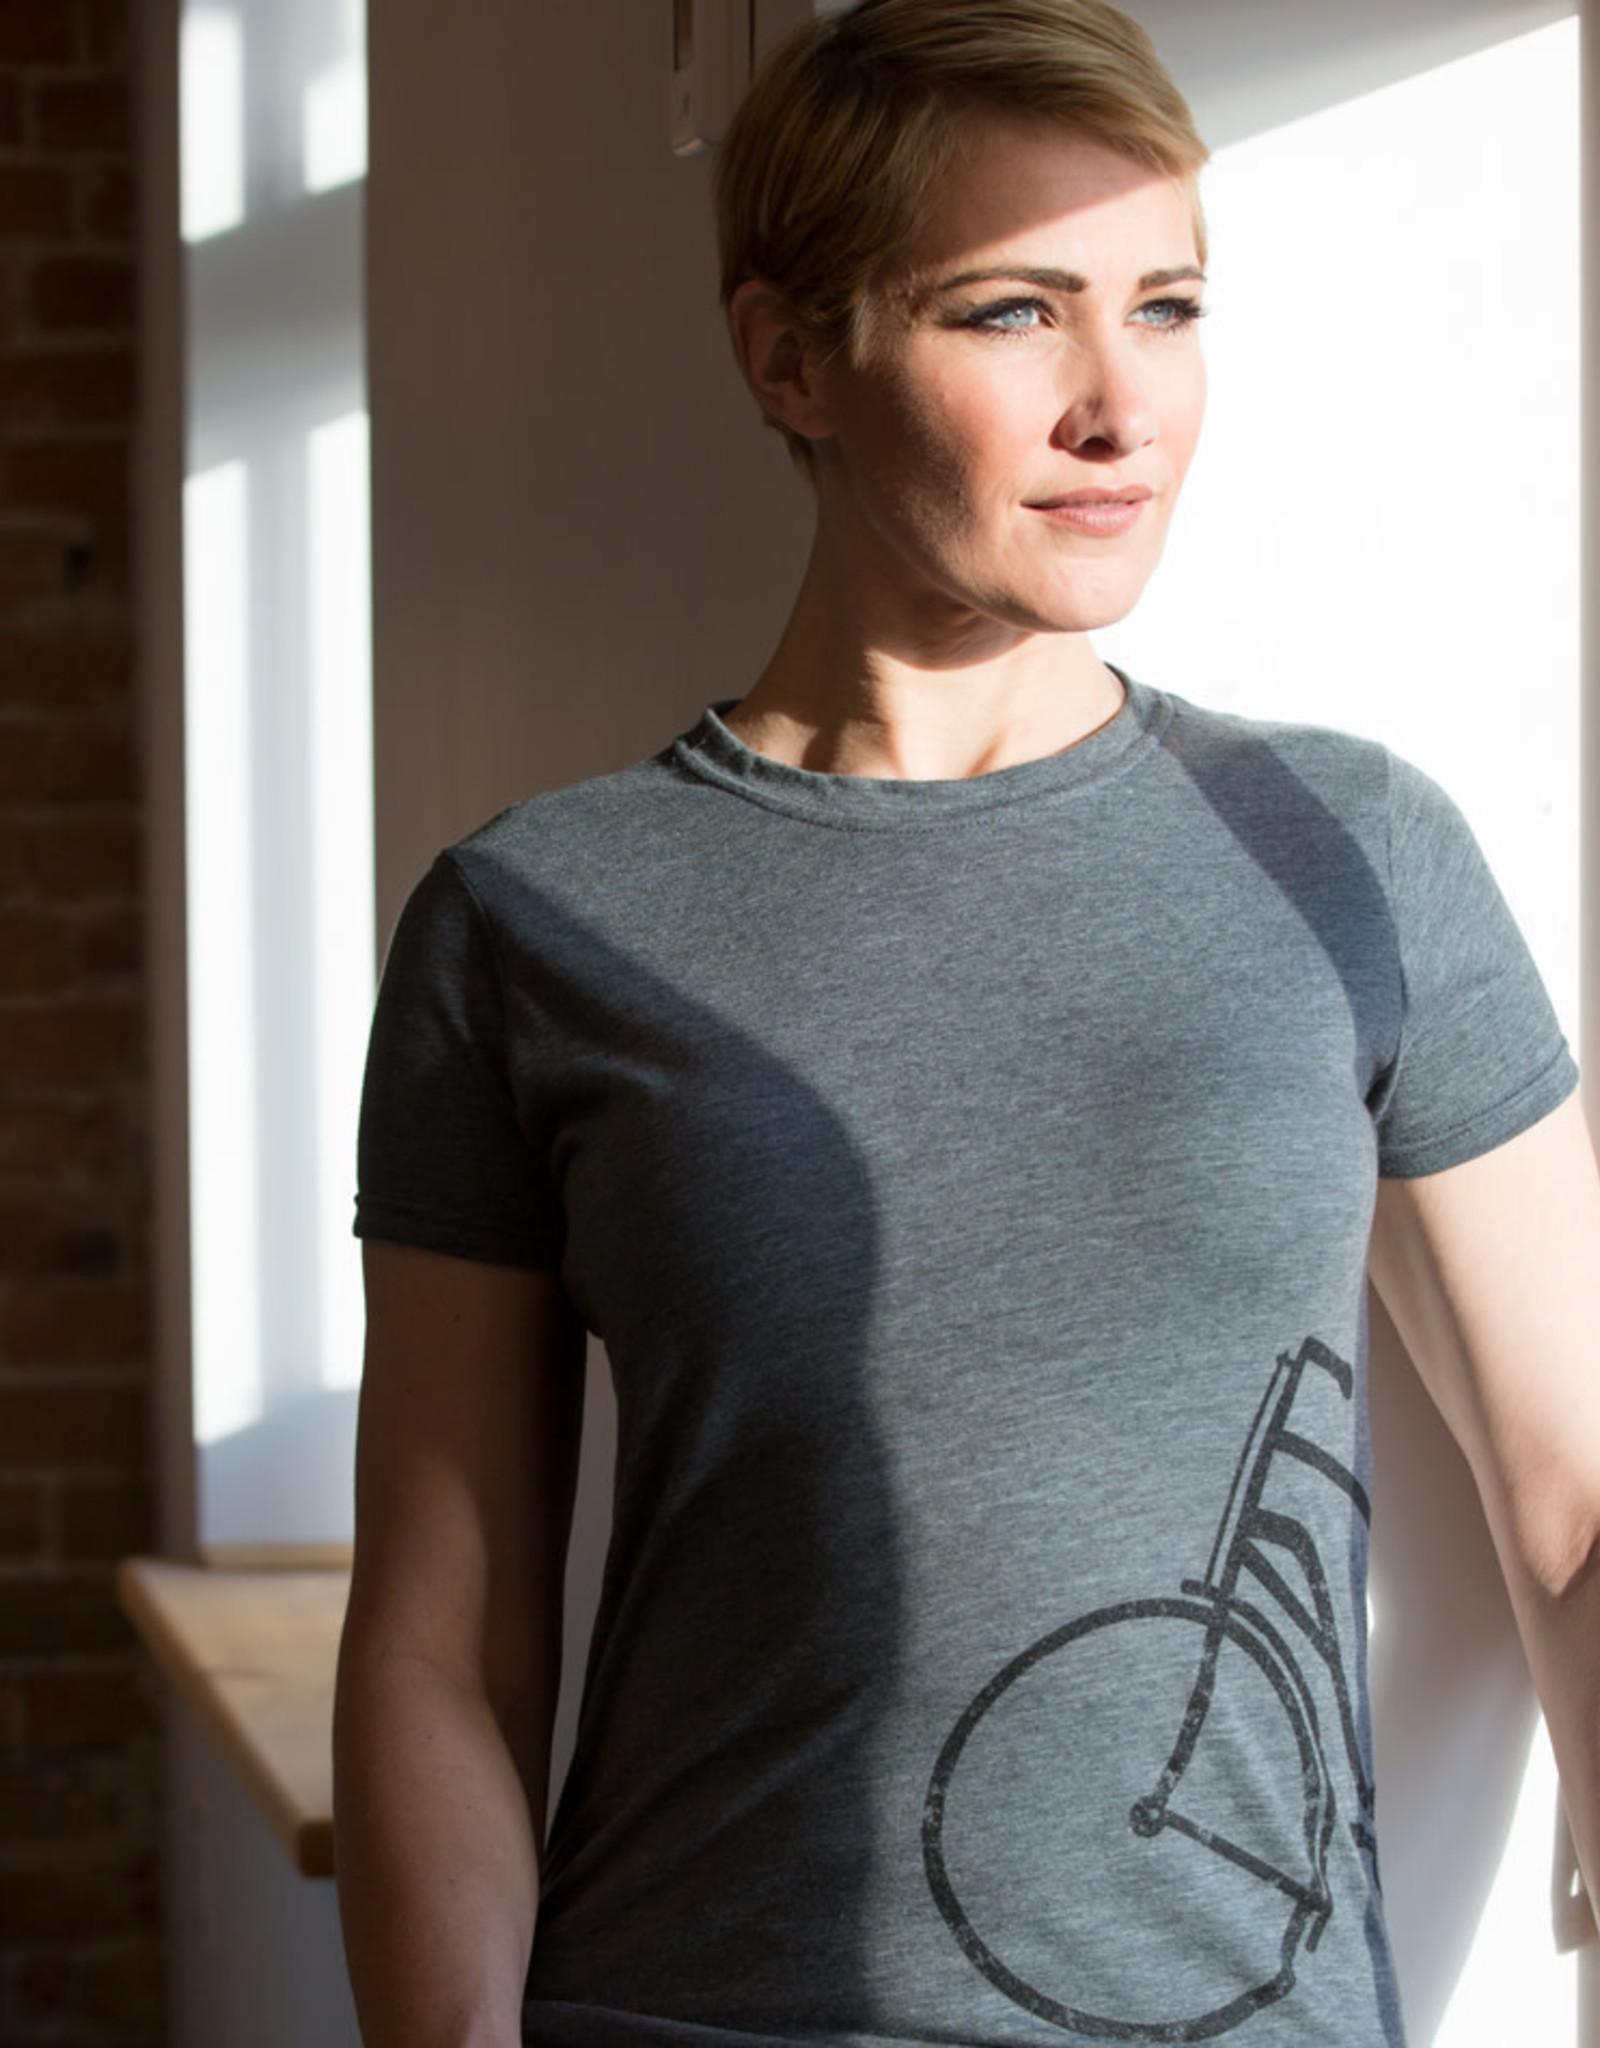 Half Bike T-shirt - 2 Colors Female Cut